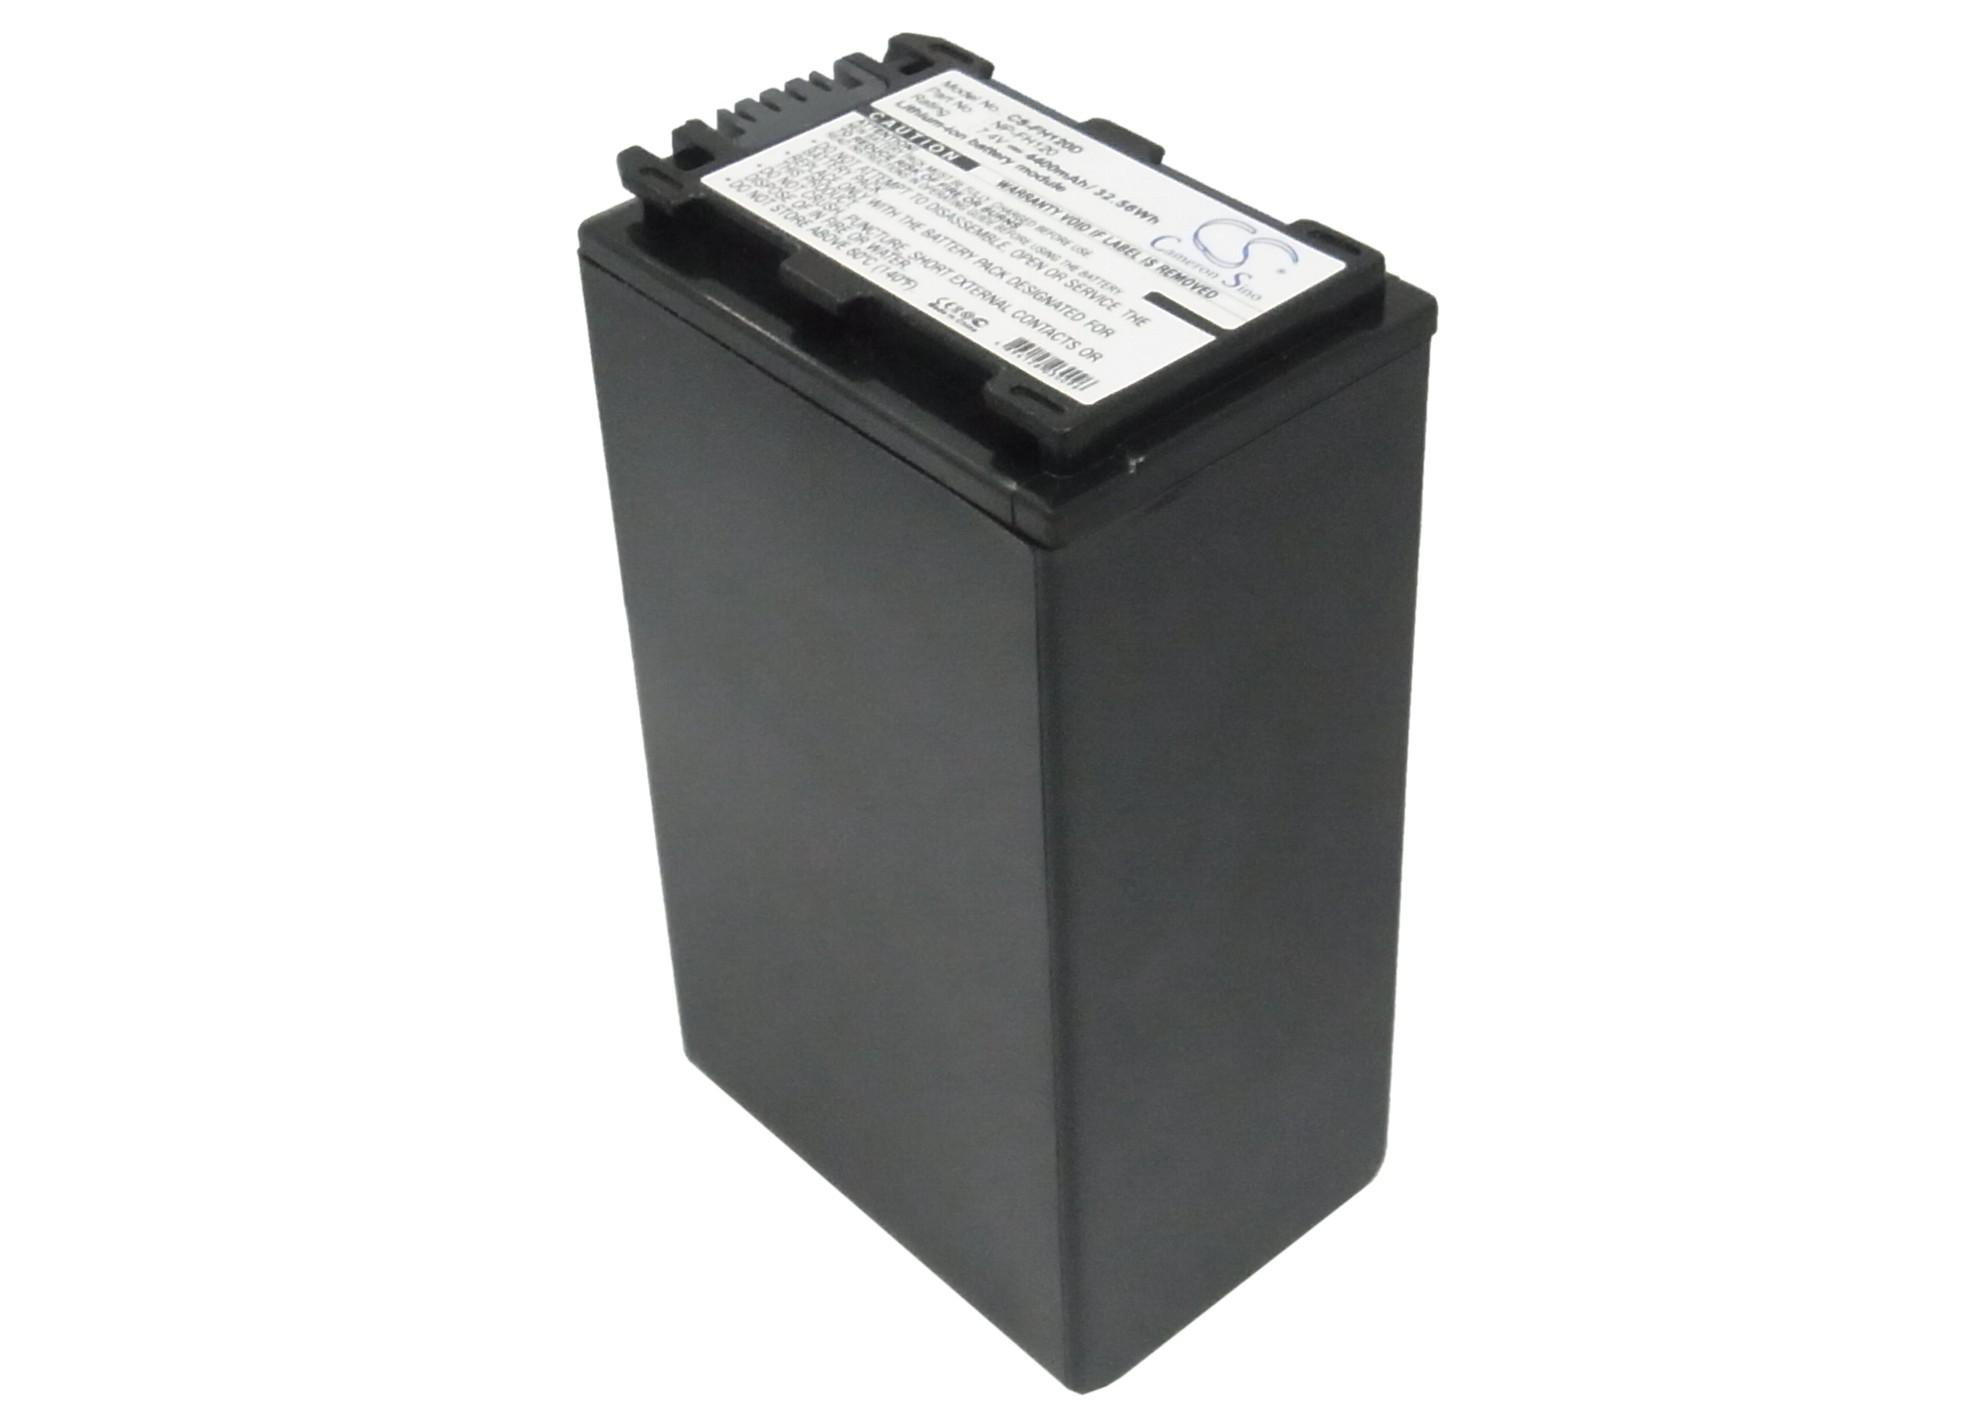 Cameron Sino baterie do kamer a fotoaparátů pro SONY DCR-HC32 7.4V Li-ion 4400mAh černá - neoriginální